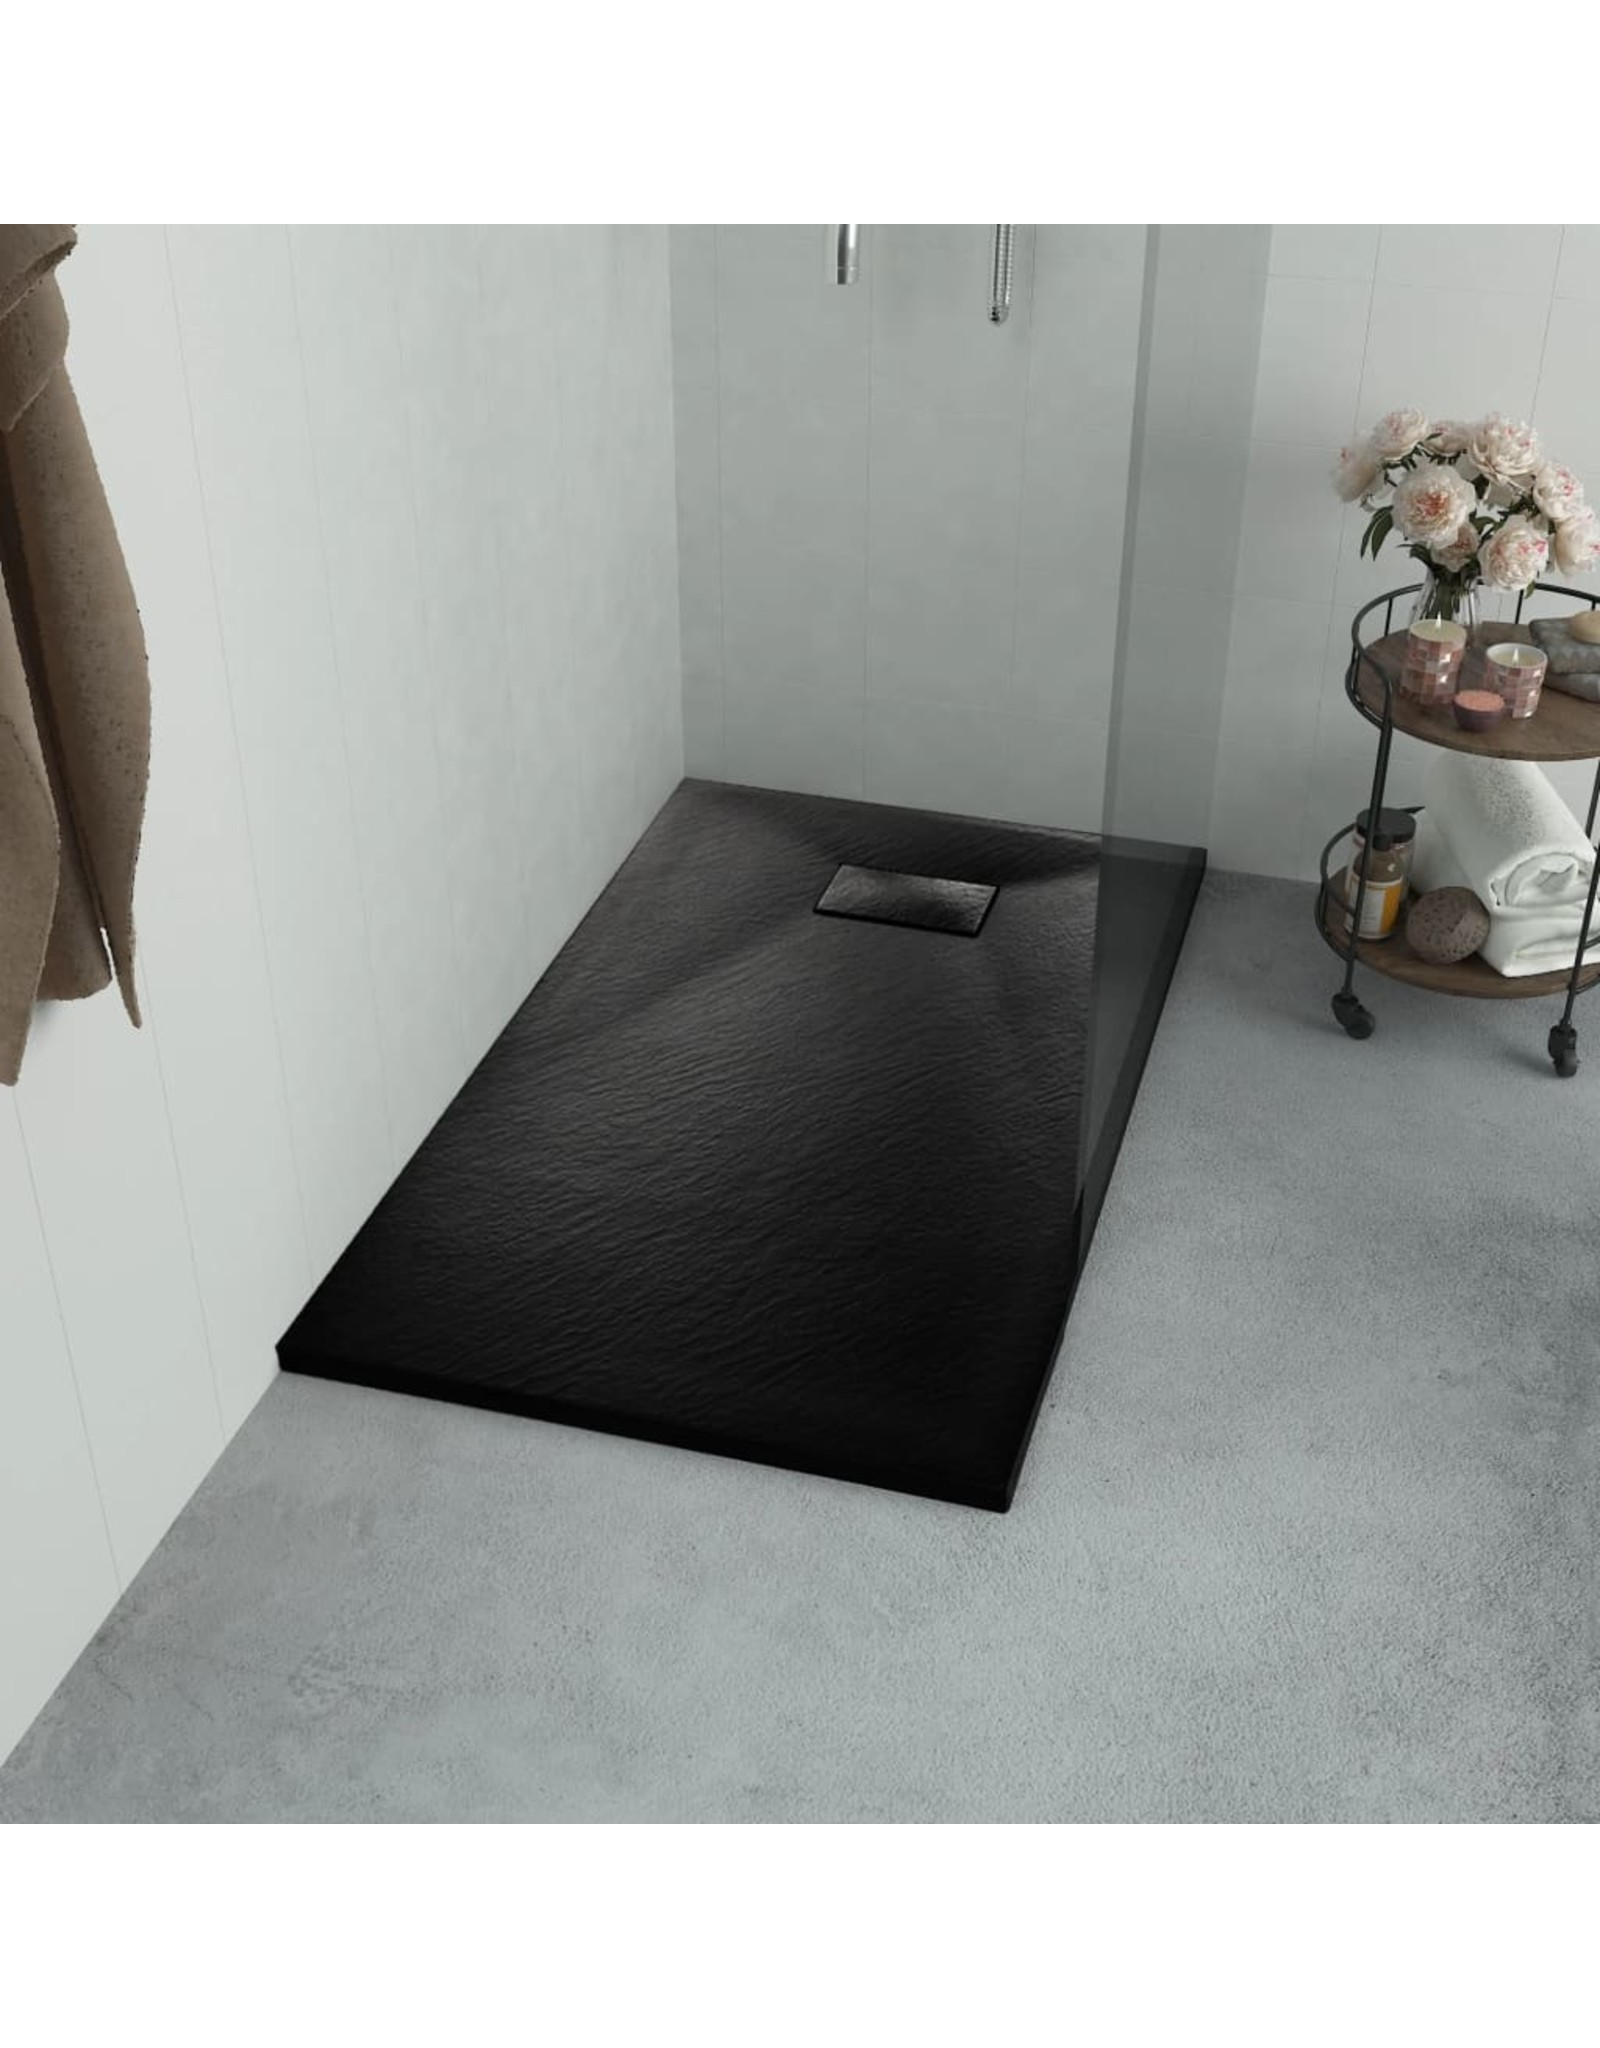 Douchebak 100x80 cm SMC zwart